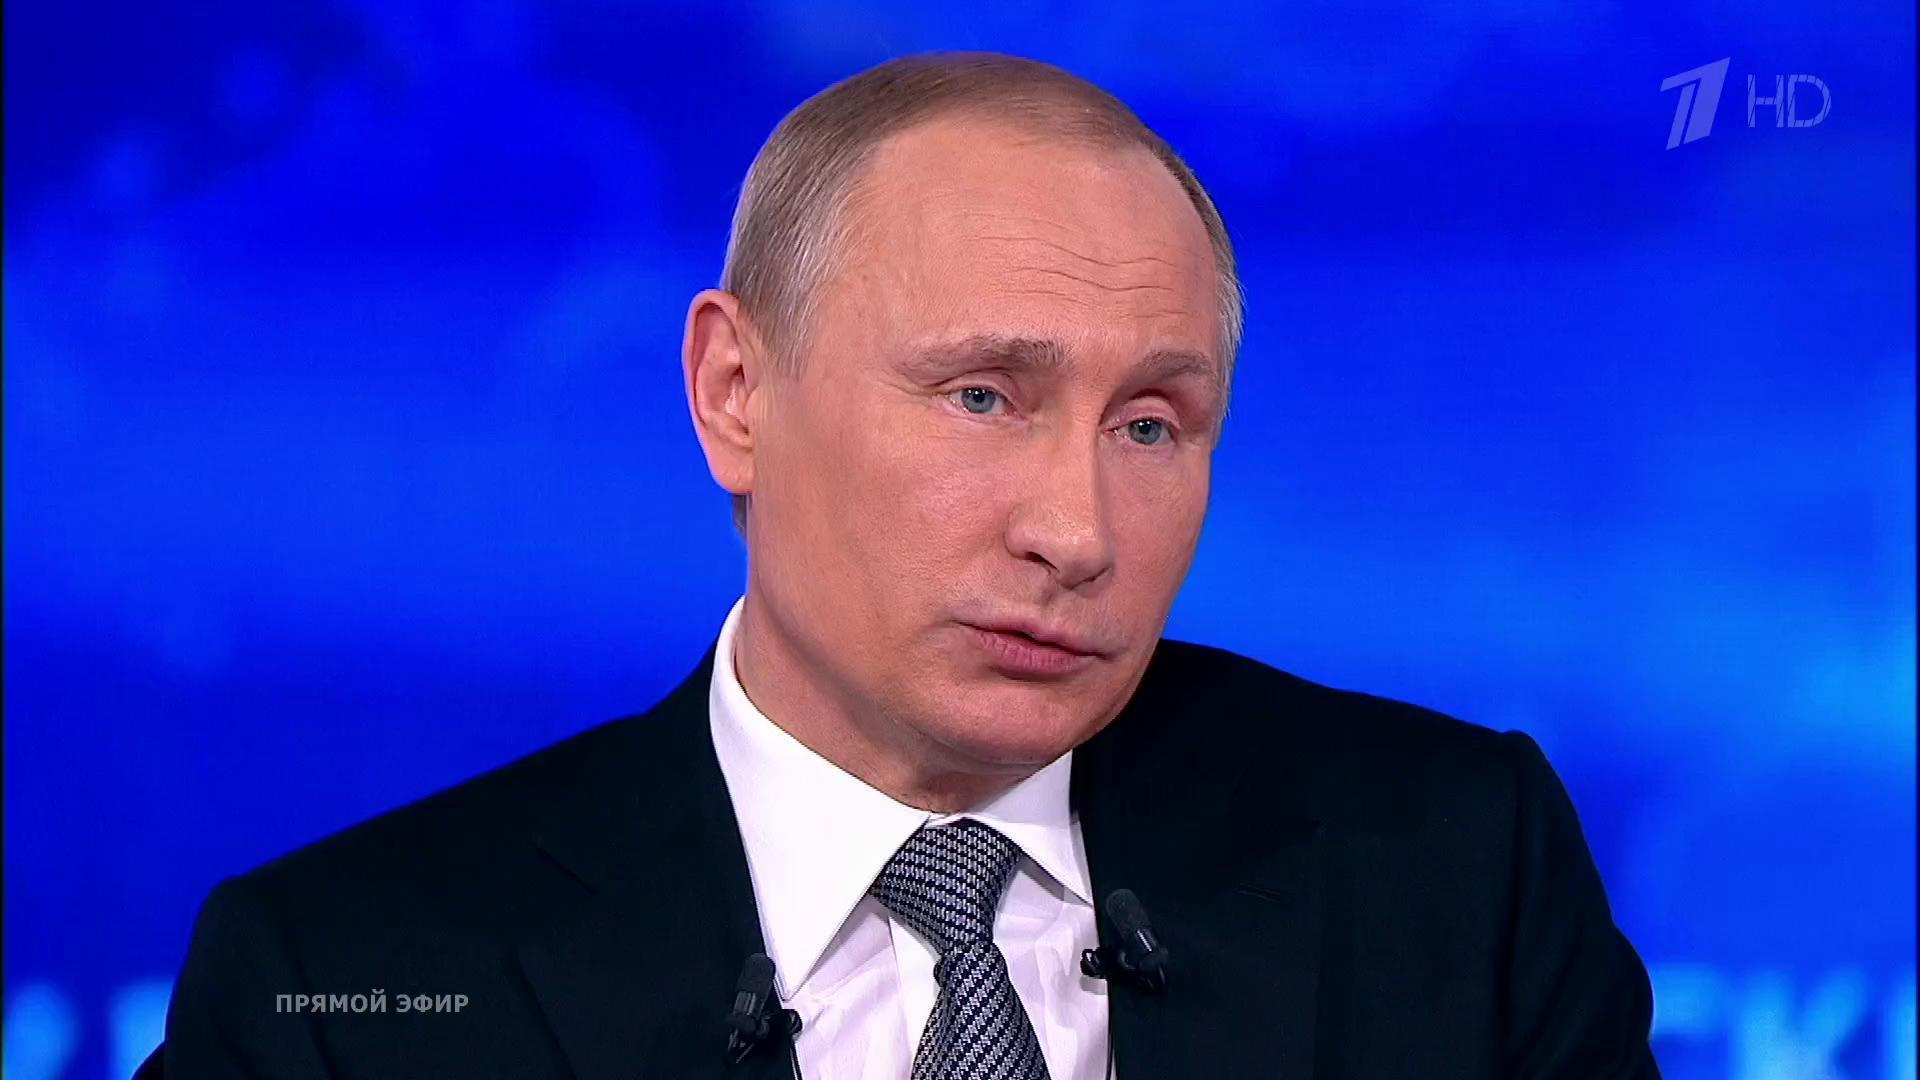 Голосовые поздравления от Путина по именам 60